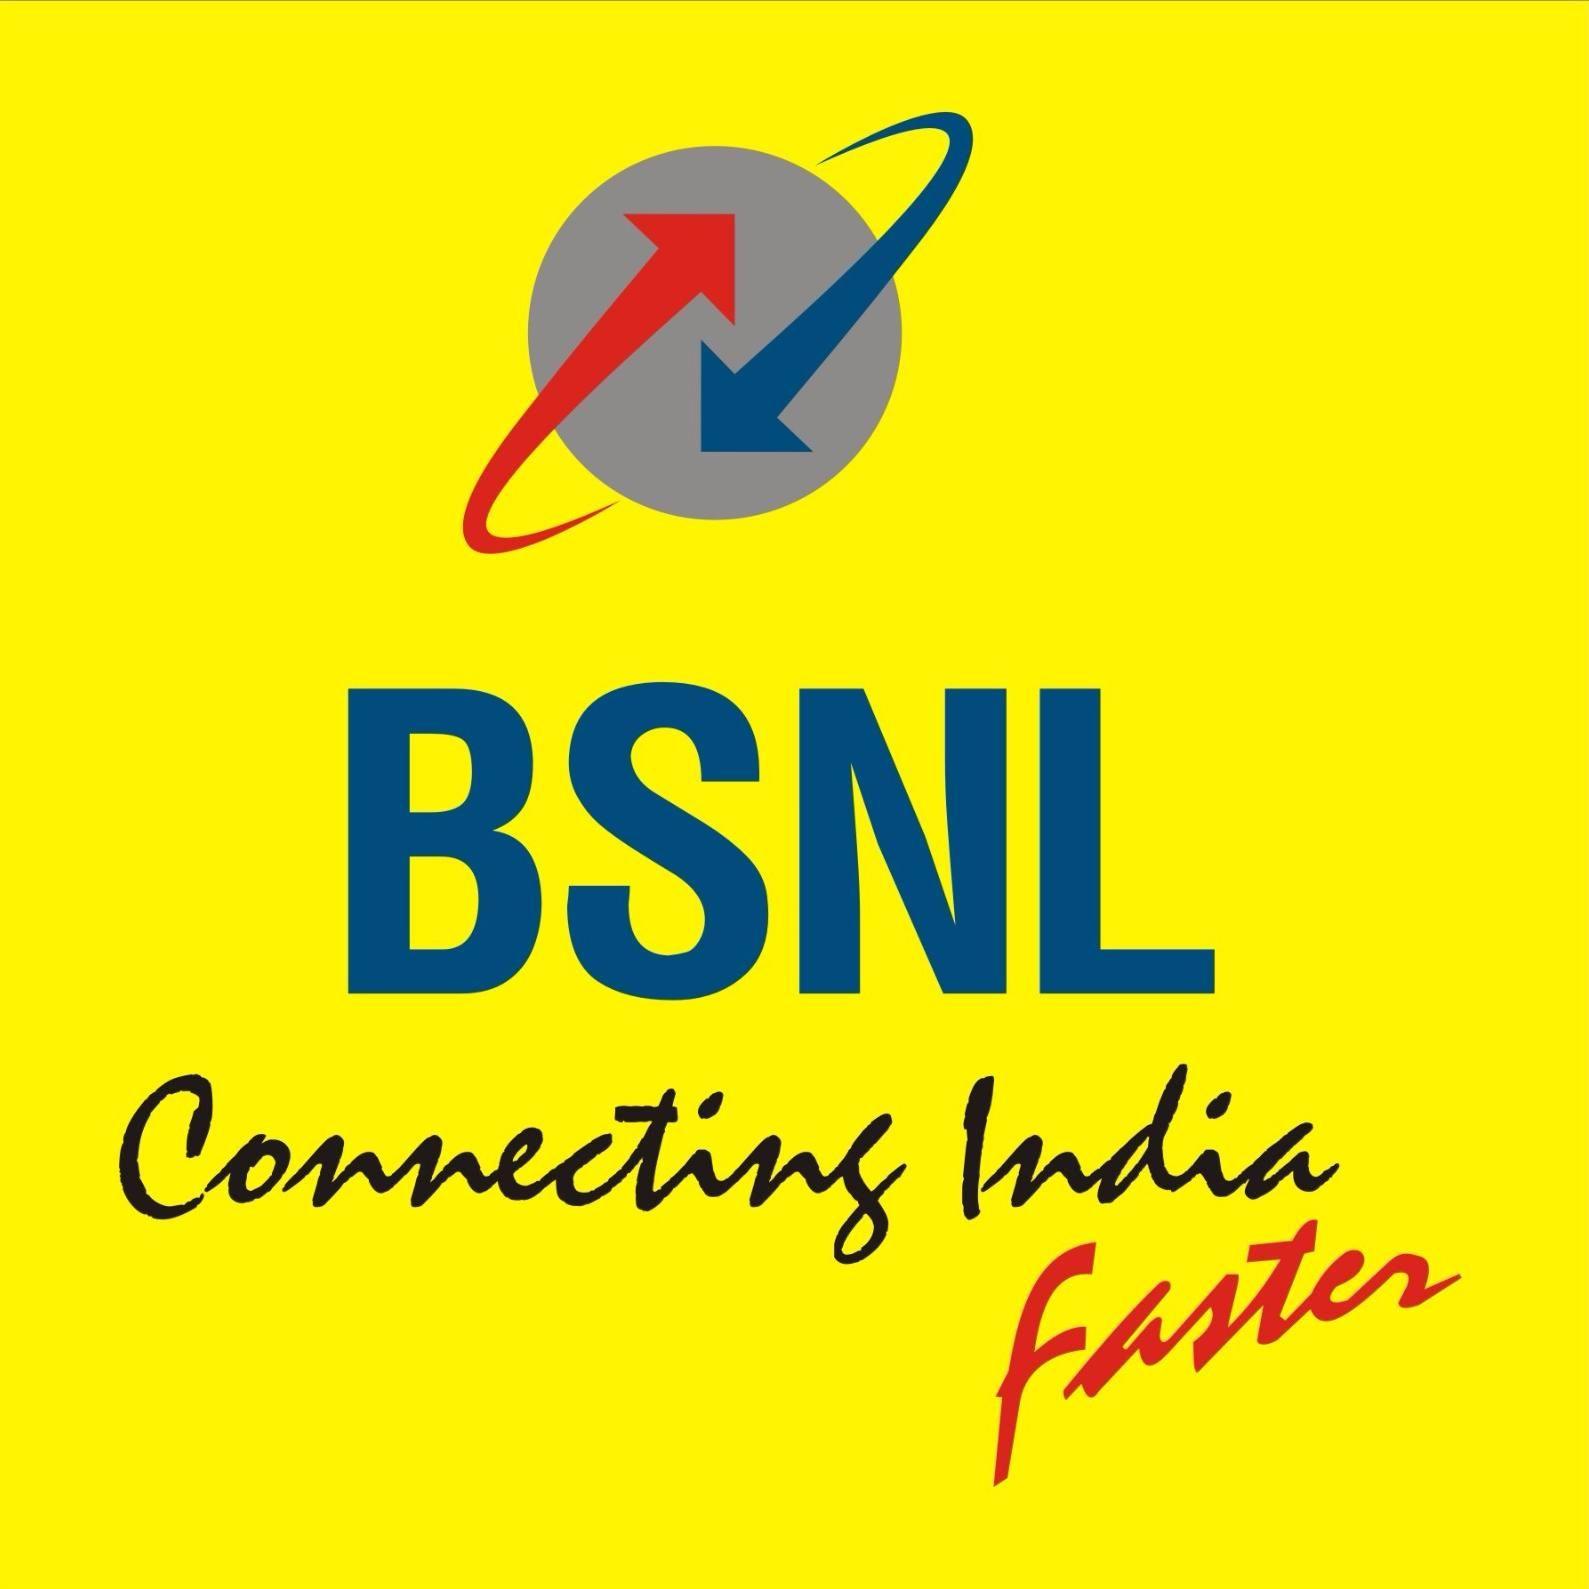 Bsnl logo bharat sanchar nigam limited job application